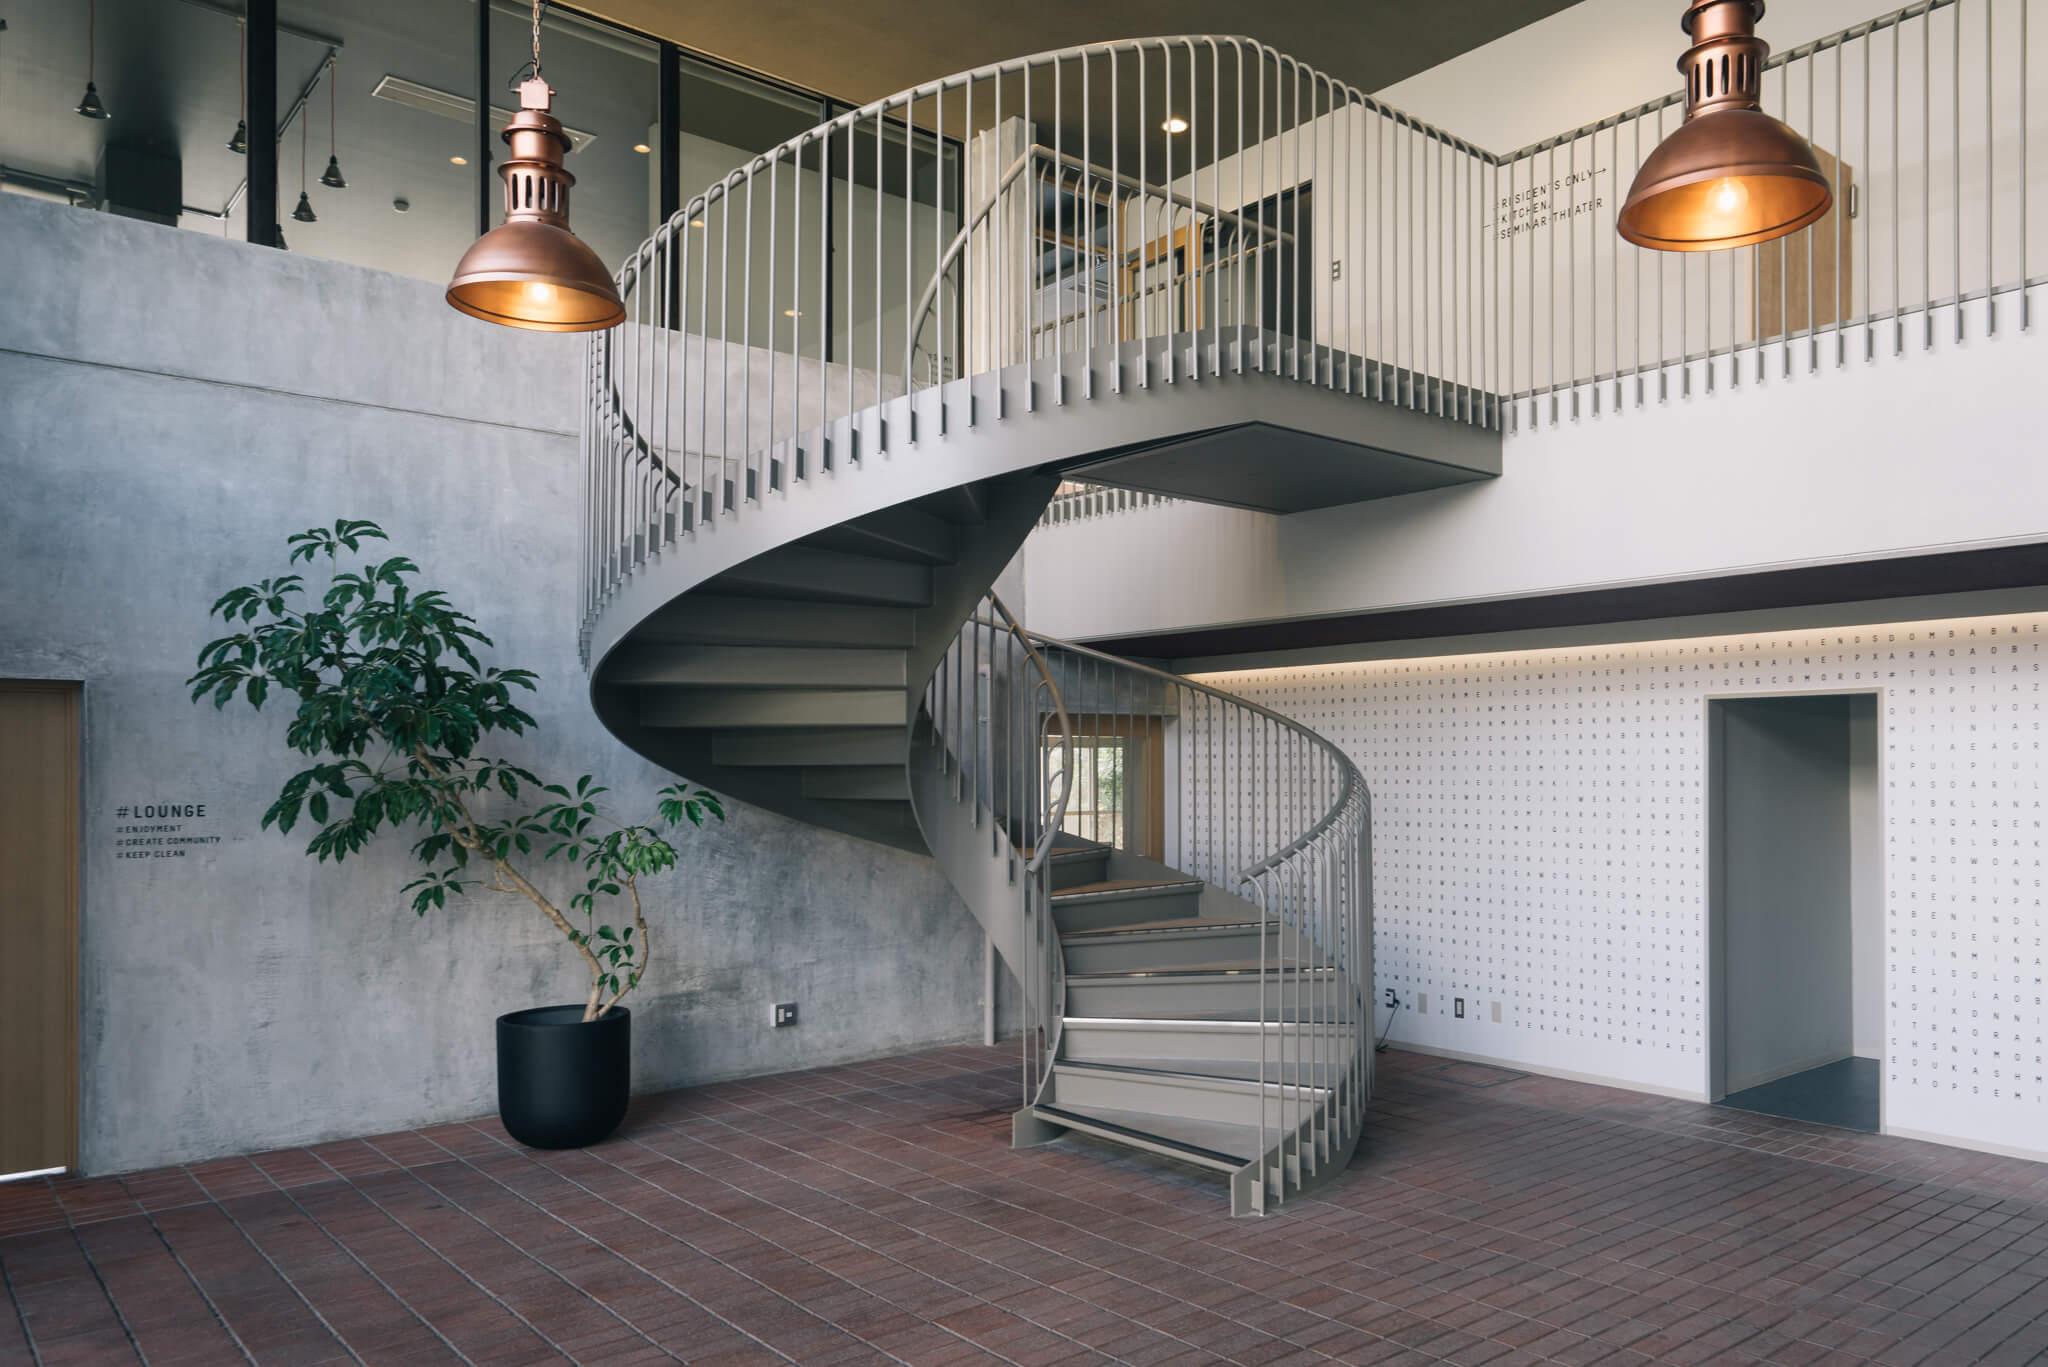 竣工当時の、貴重なレンガを活かした共用玄関は、重厚で大人っぽい雰囲気。